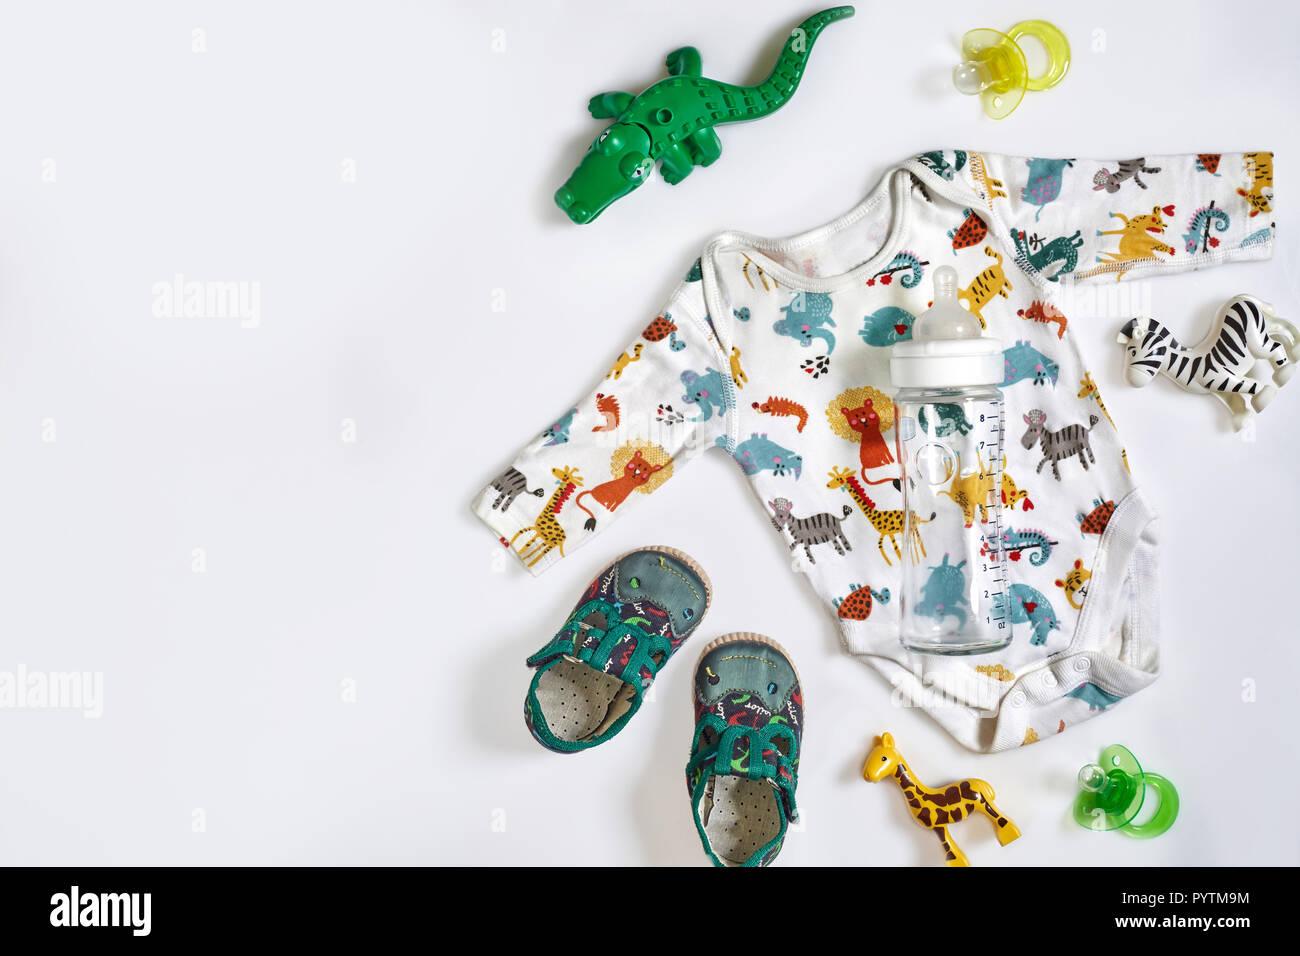 Cuidado del bebé accesorios y ropa sobre fondo blanco, vista superior Imagen De Stock